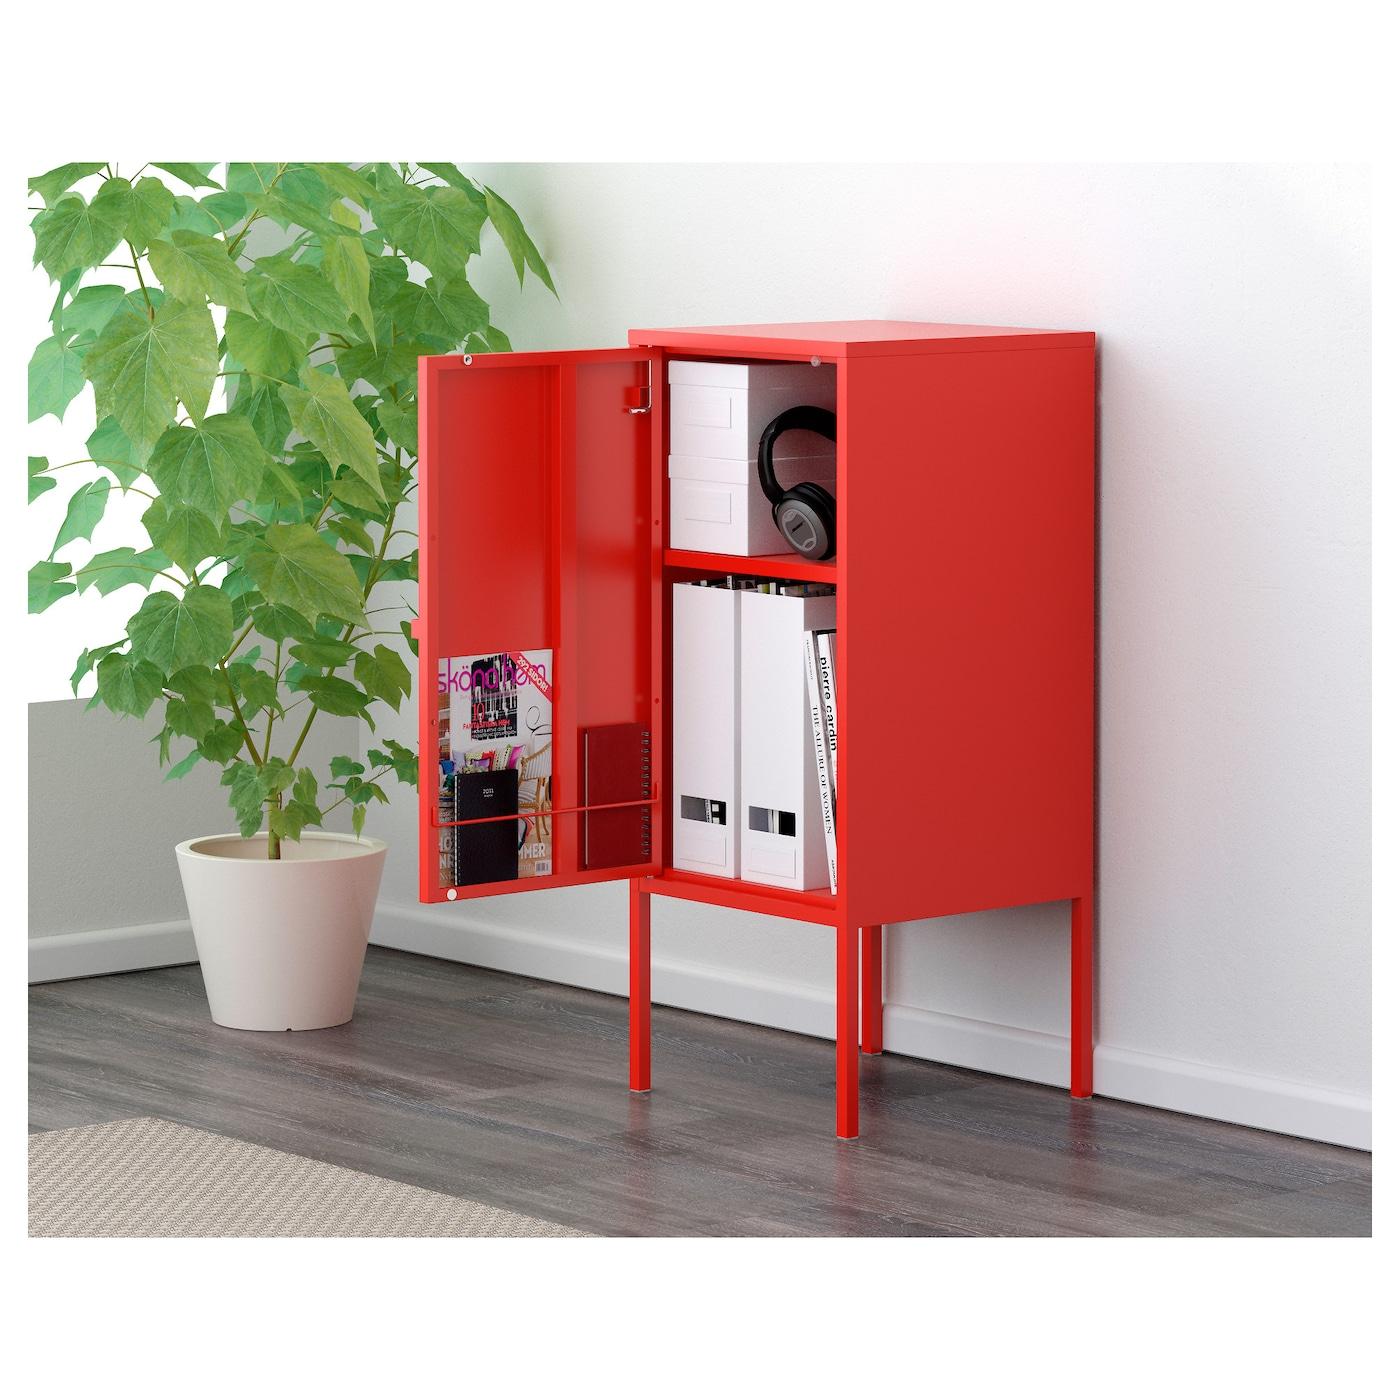 Lixhult kast metaal rood 35x60 cm ikea - Ikea mobile metallo ...